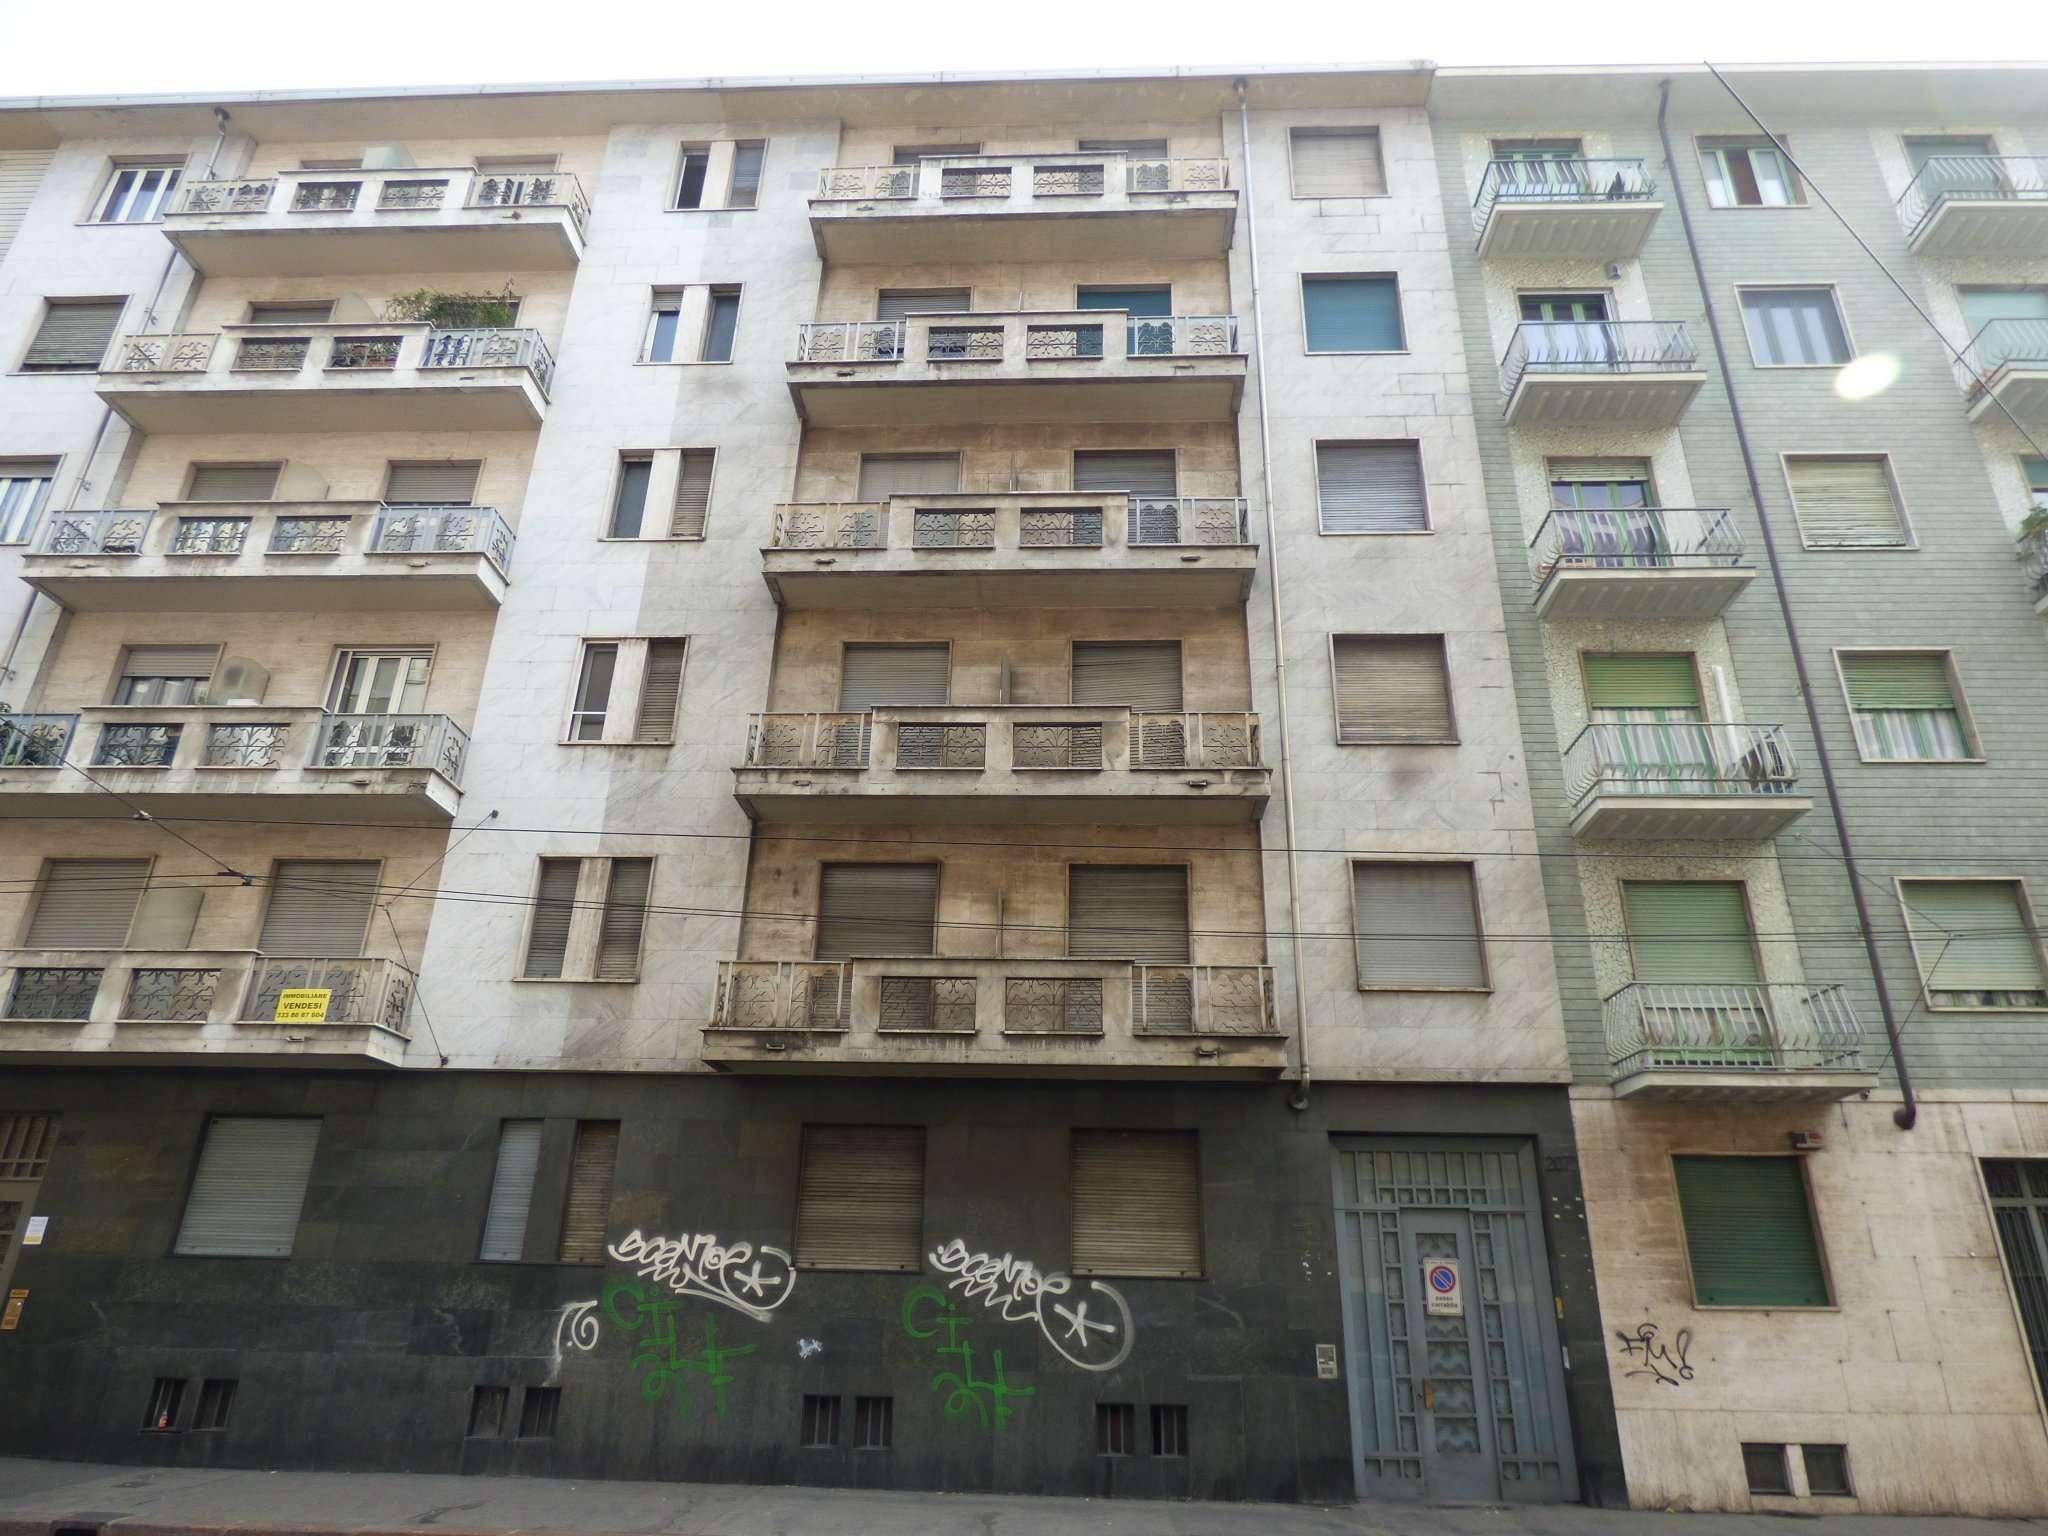 Palazzo / Stabile in vendita a Torino, 9999 locali, zona Zona: 6 . Lingotto, prezzo € 700.000 | CambioCasa.it